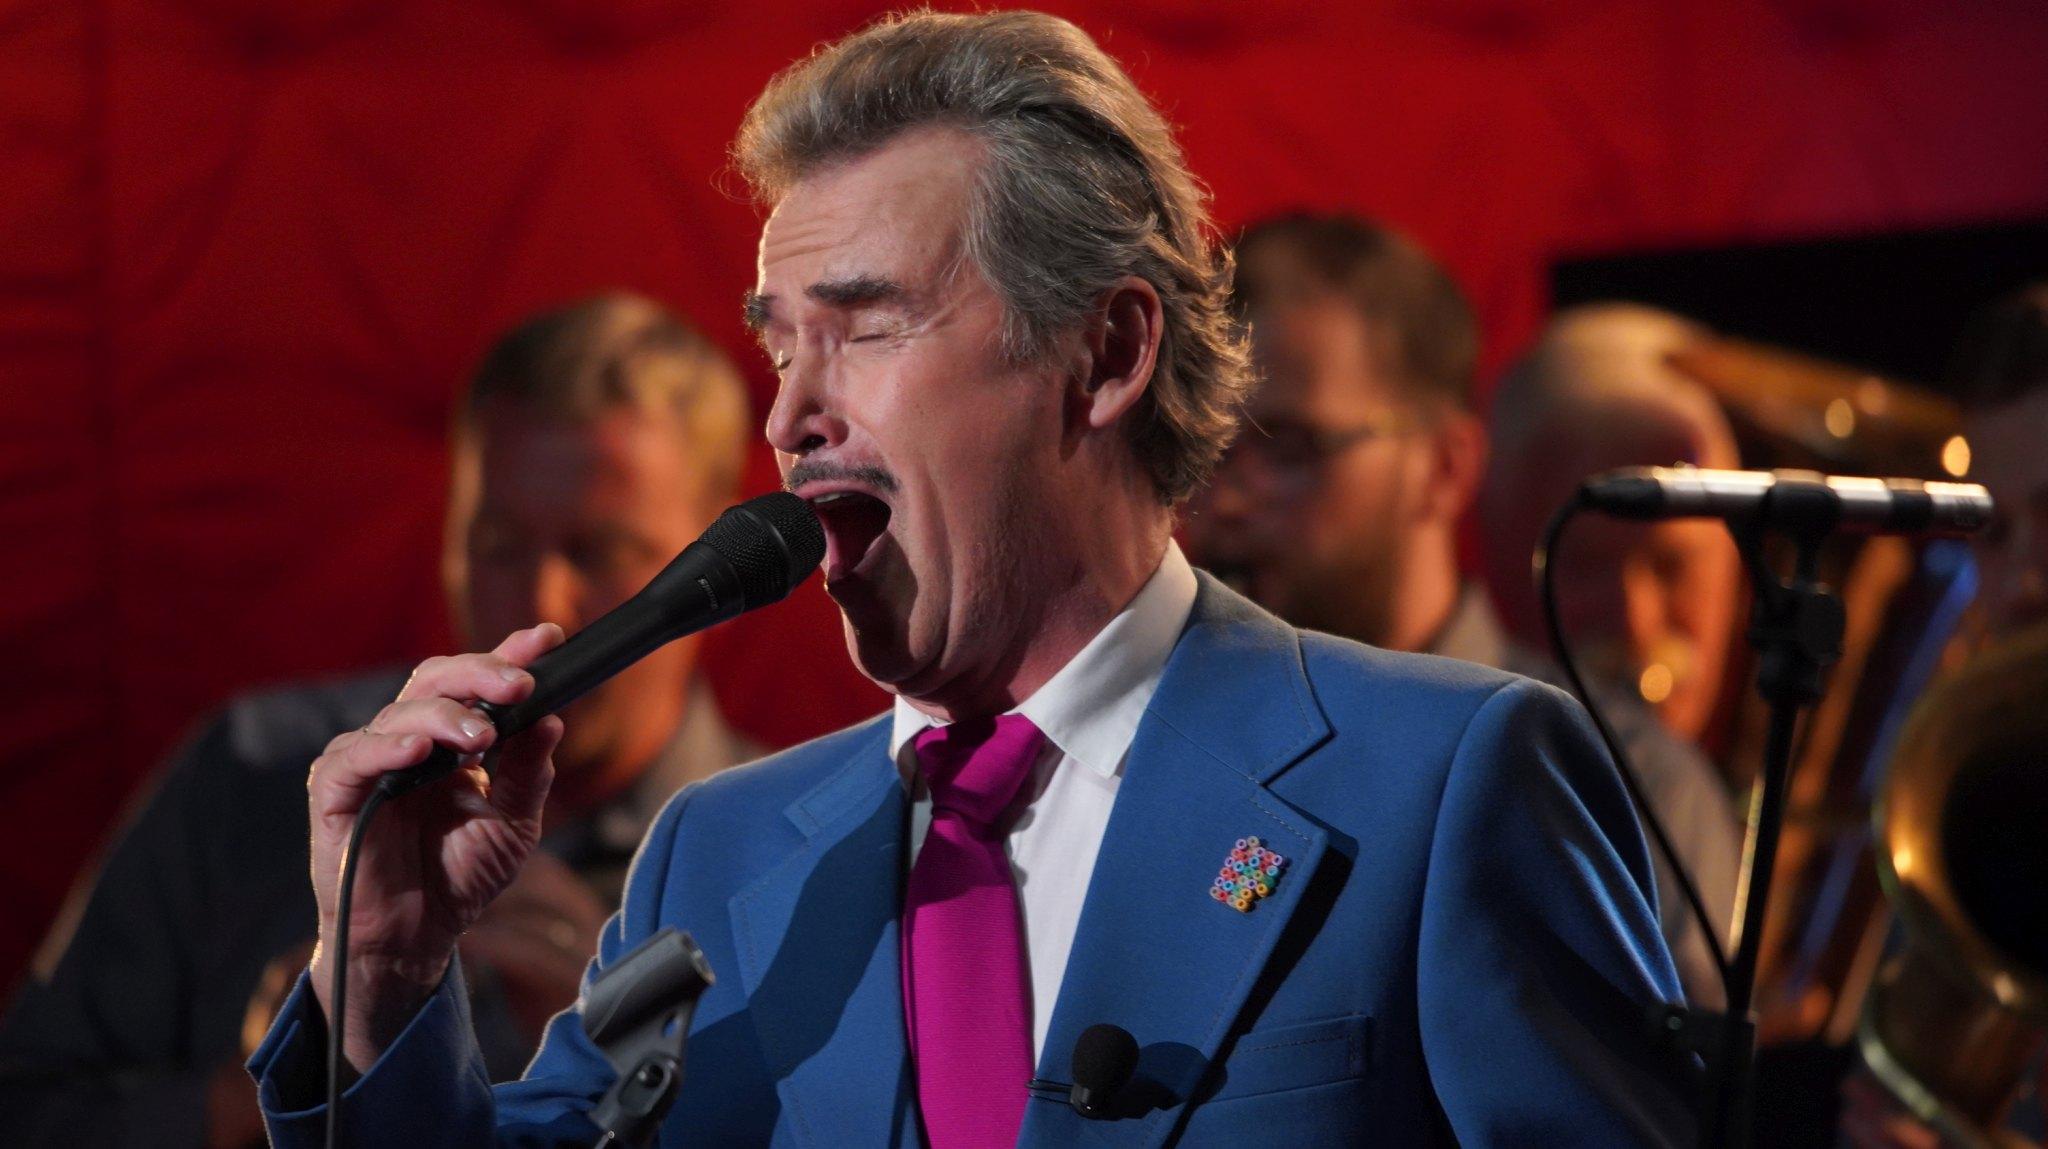 Všestranný umělec František Skála zazpíval s dechovkou Provodovjané v SJK 23. 6. 2021